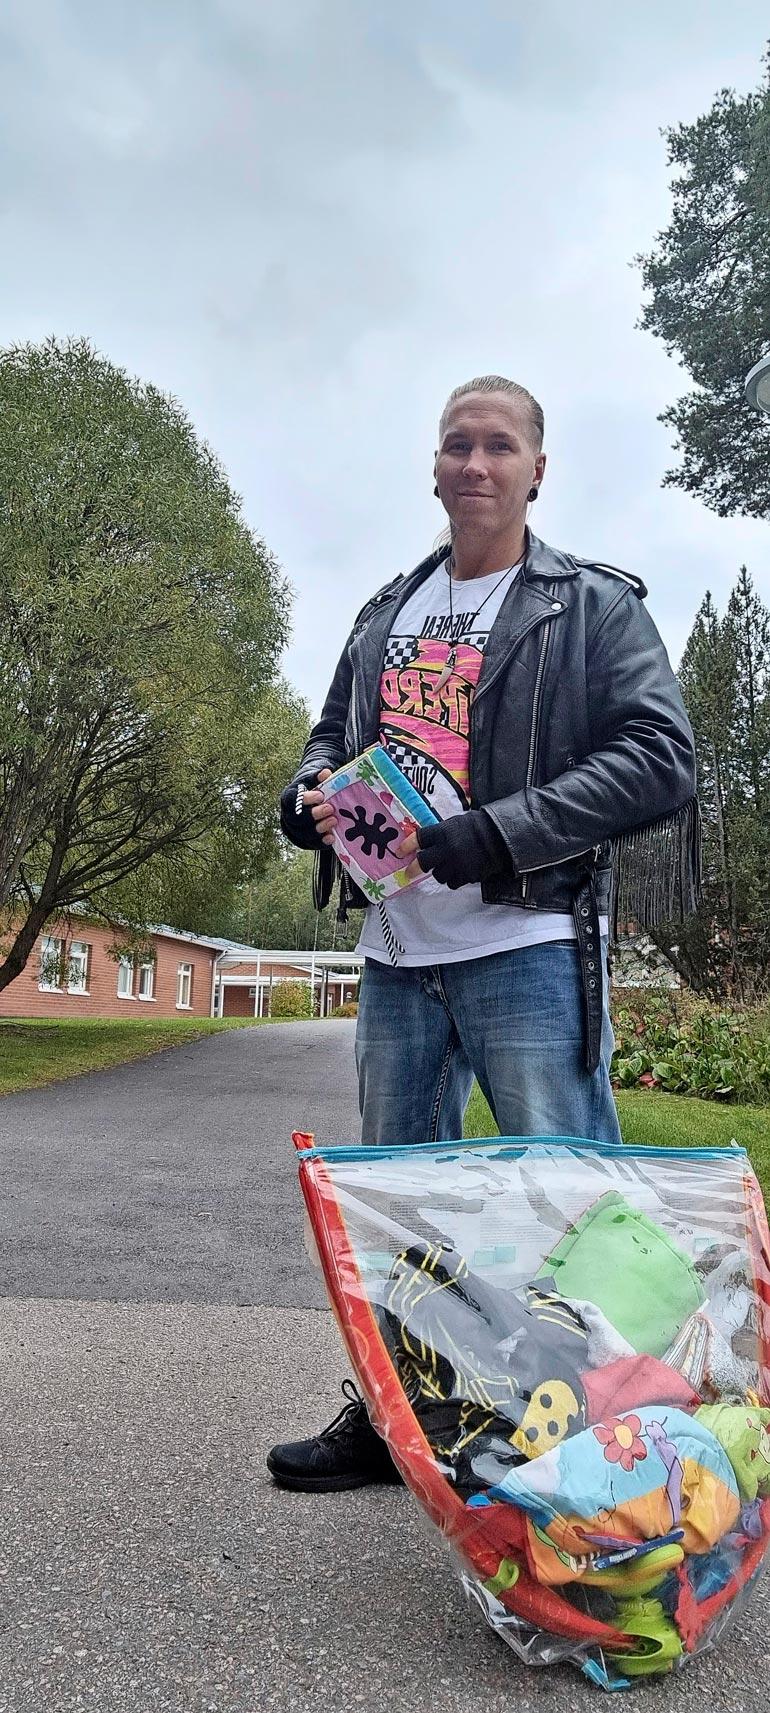 Johnny lahjoitti neljä kassillista tyttärelleen hankittuja pikkuvauvan vaatteita, babysitterin ja vaippoja hyväntekeväisyysjärjestö Hope ry:lle.